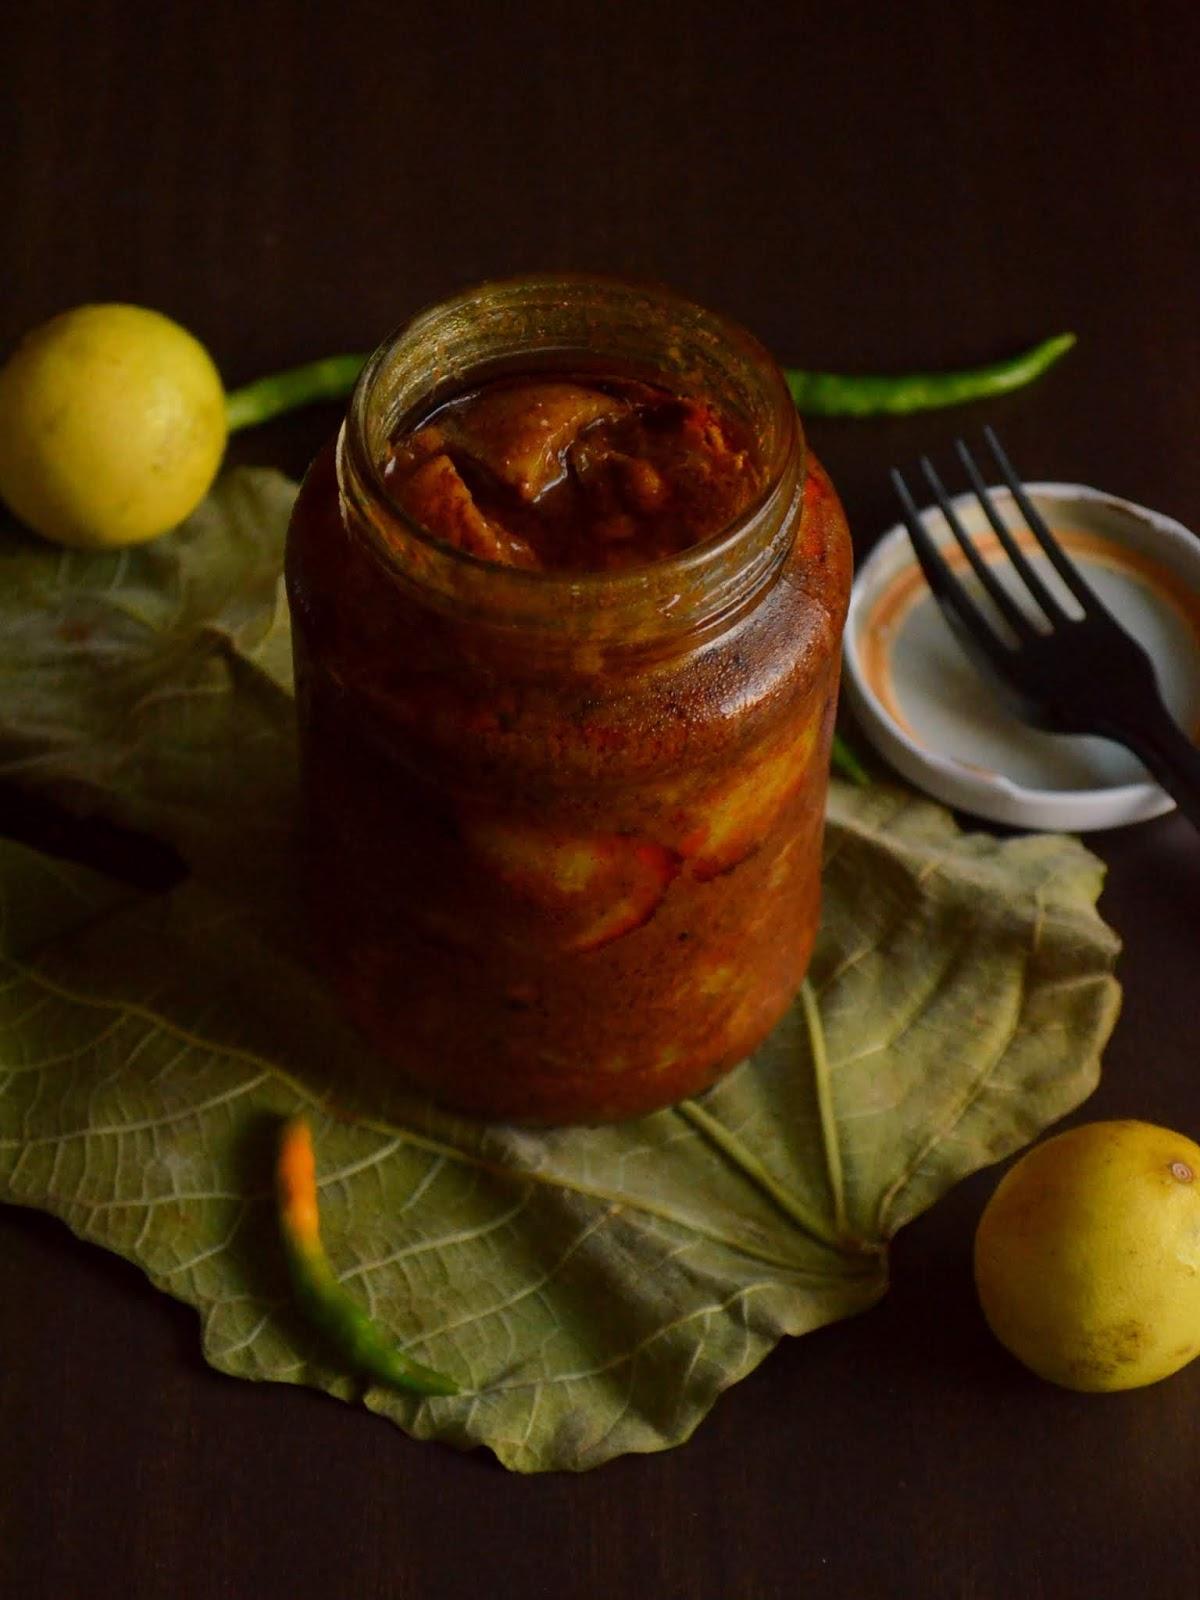 Indulge Lemon Pickle Instant Lemon Pickle Boiled Lemon